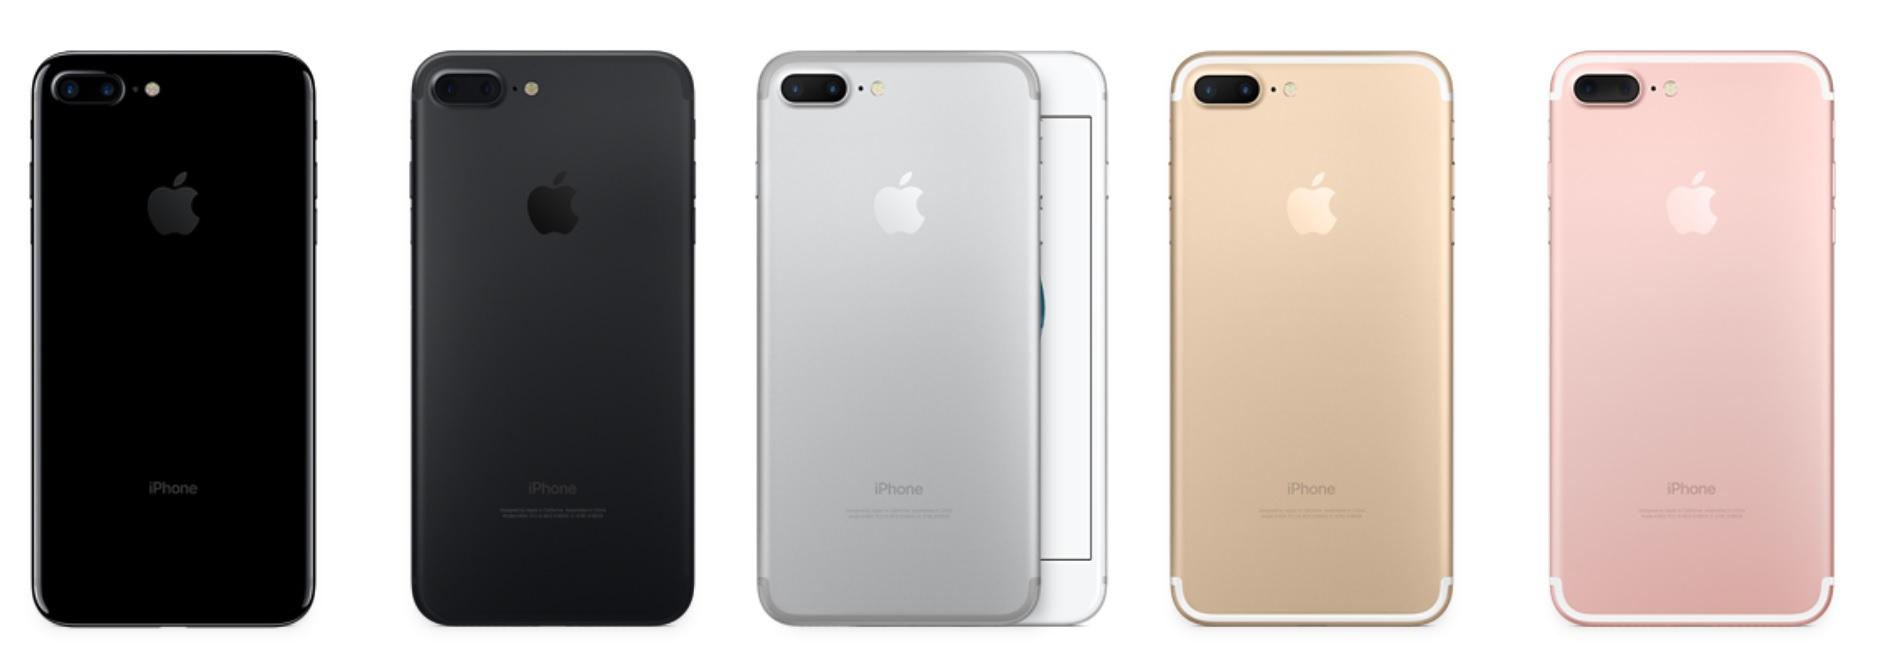 iPhone 7 Plus (avbildet), SE og 6s og 6s Plus har alle fått ganske store priskutt etter iPhone-lanseringene i går kveld.